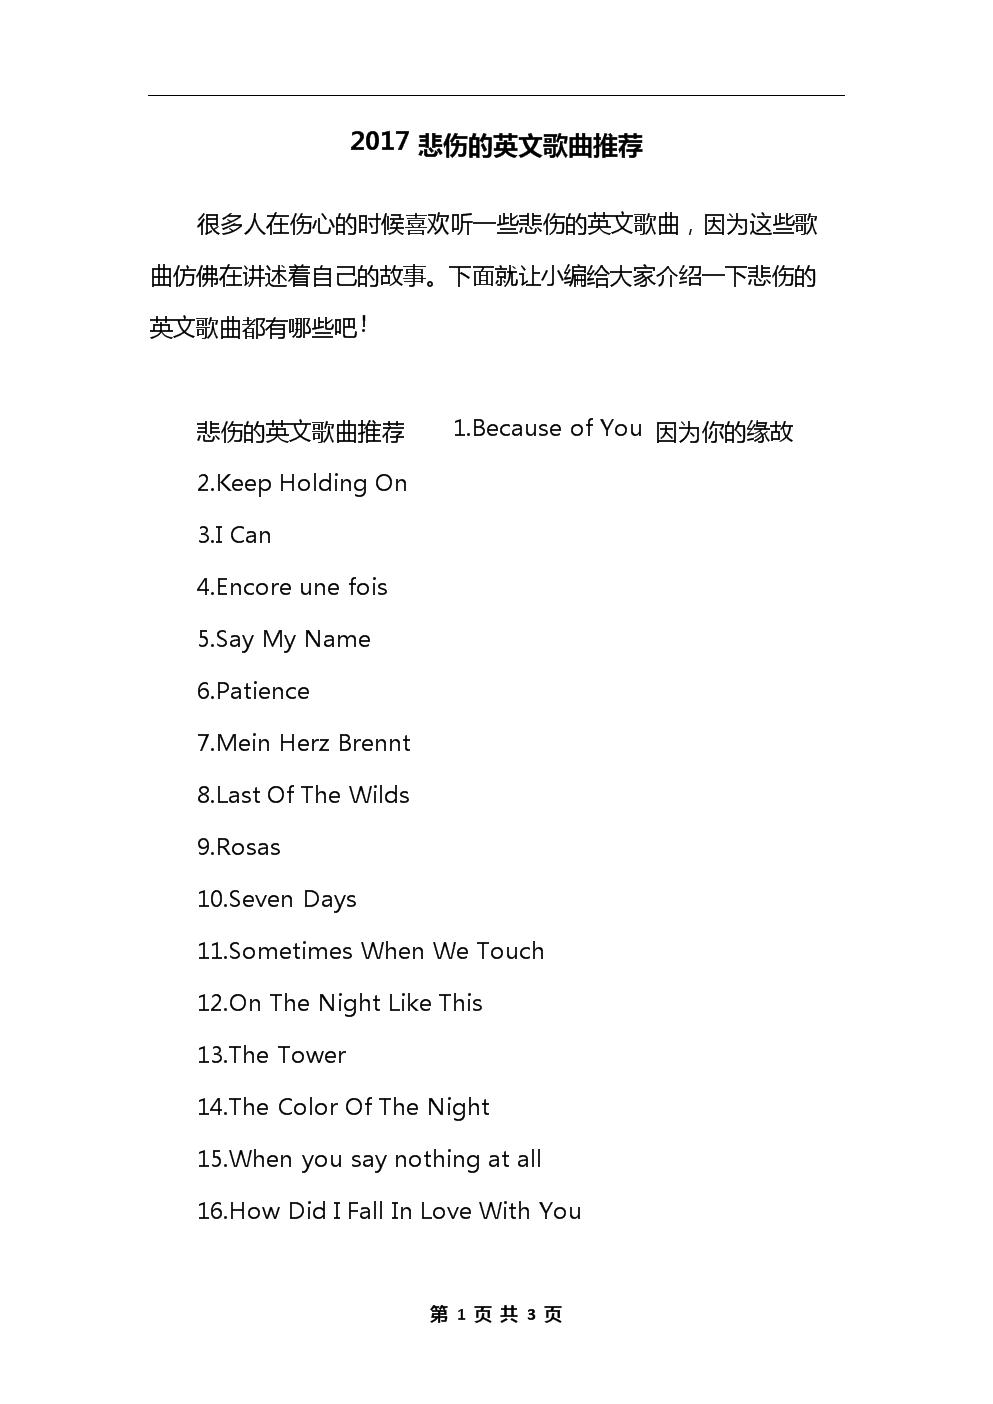 2017悲伤的英文歌曲推荐.docx